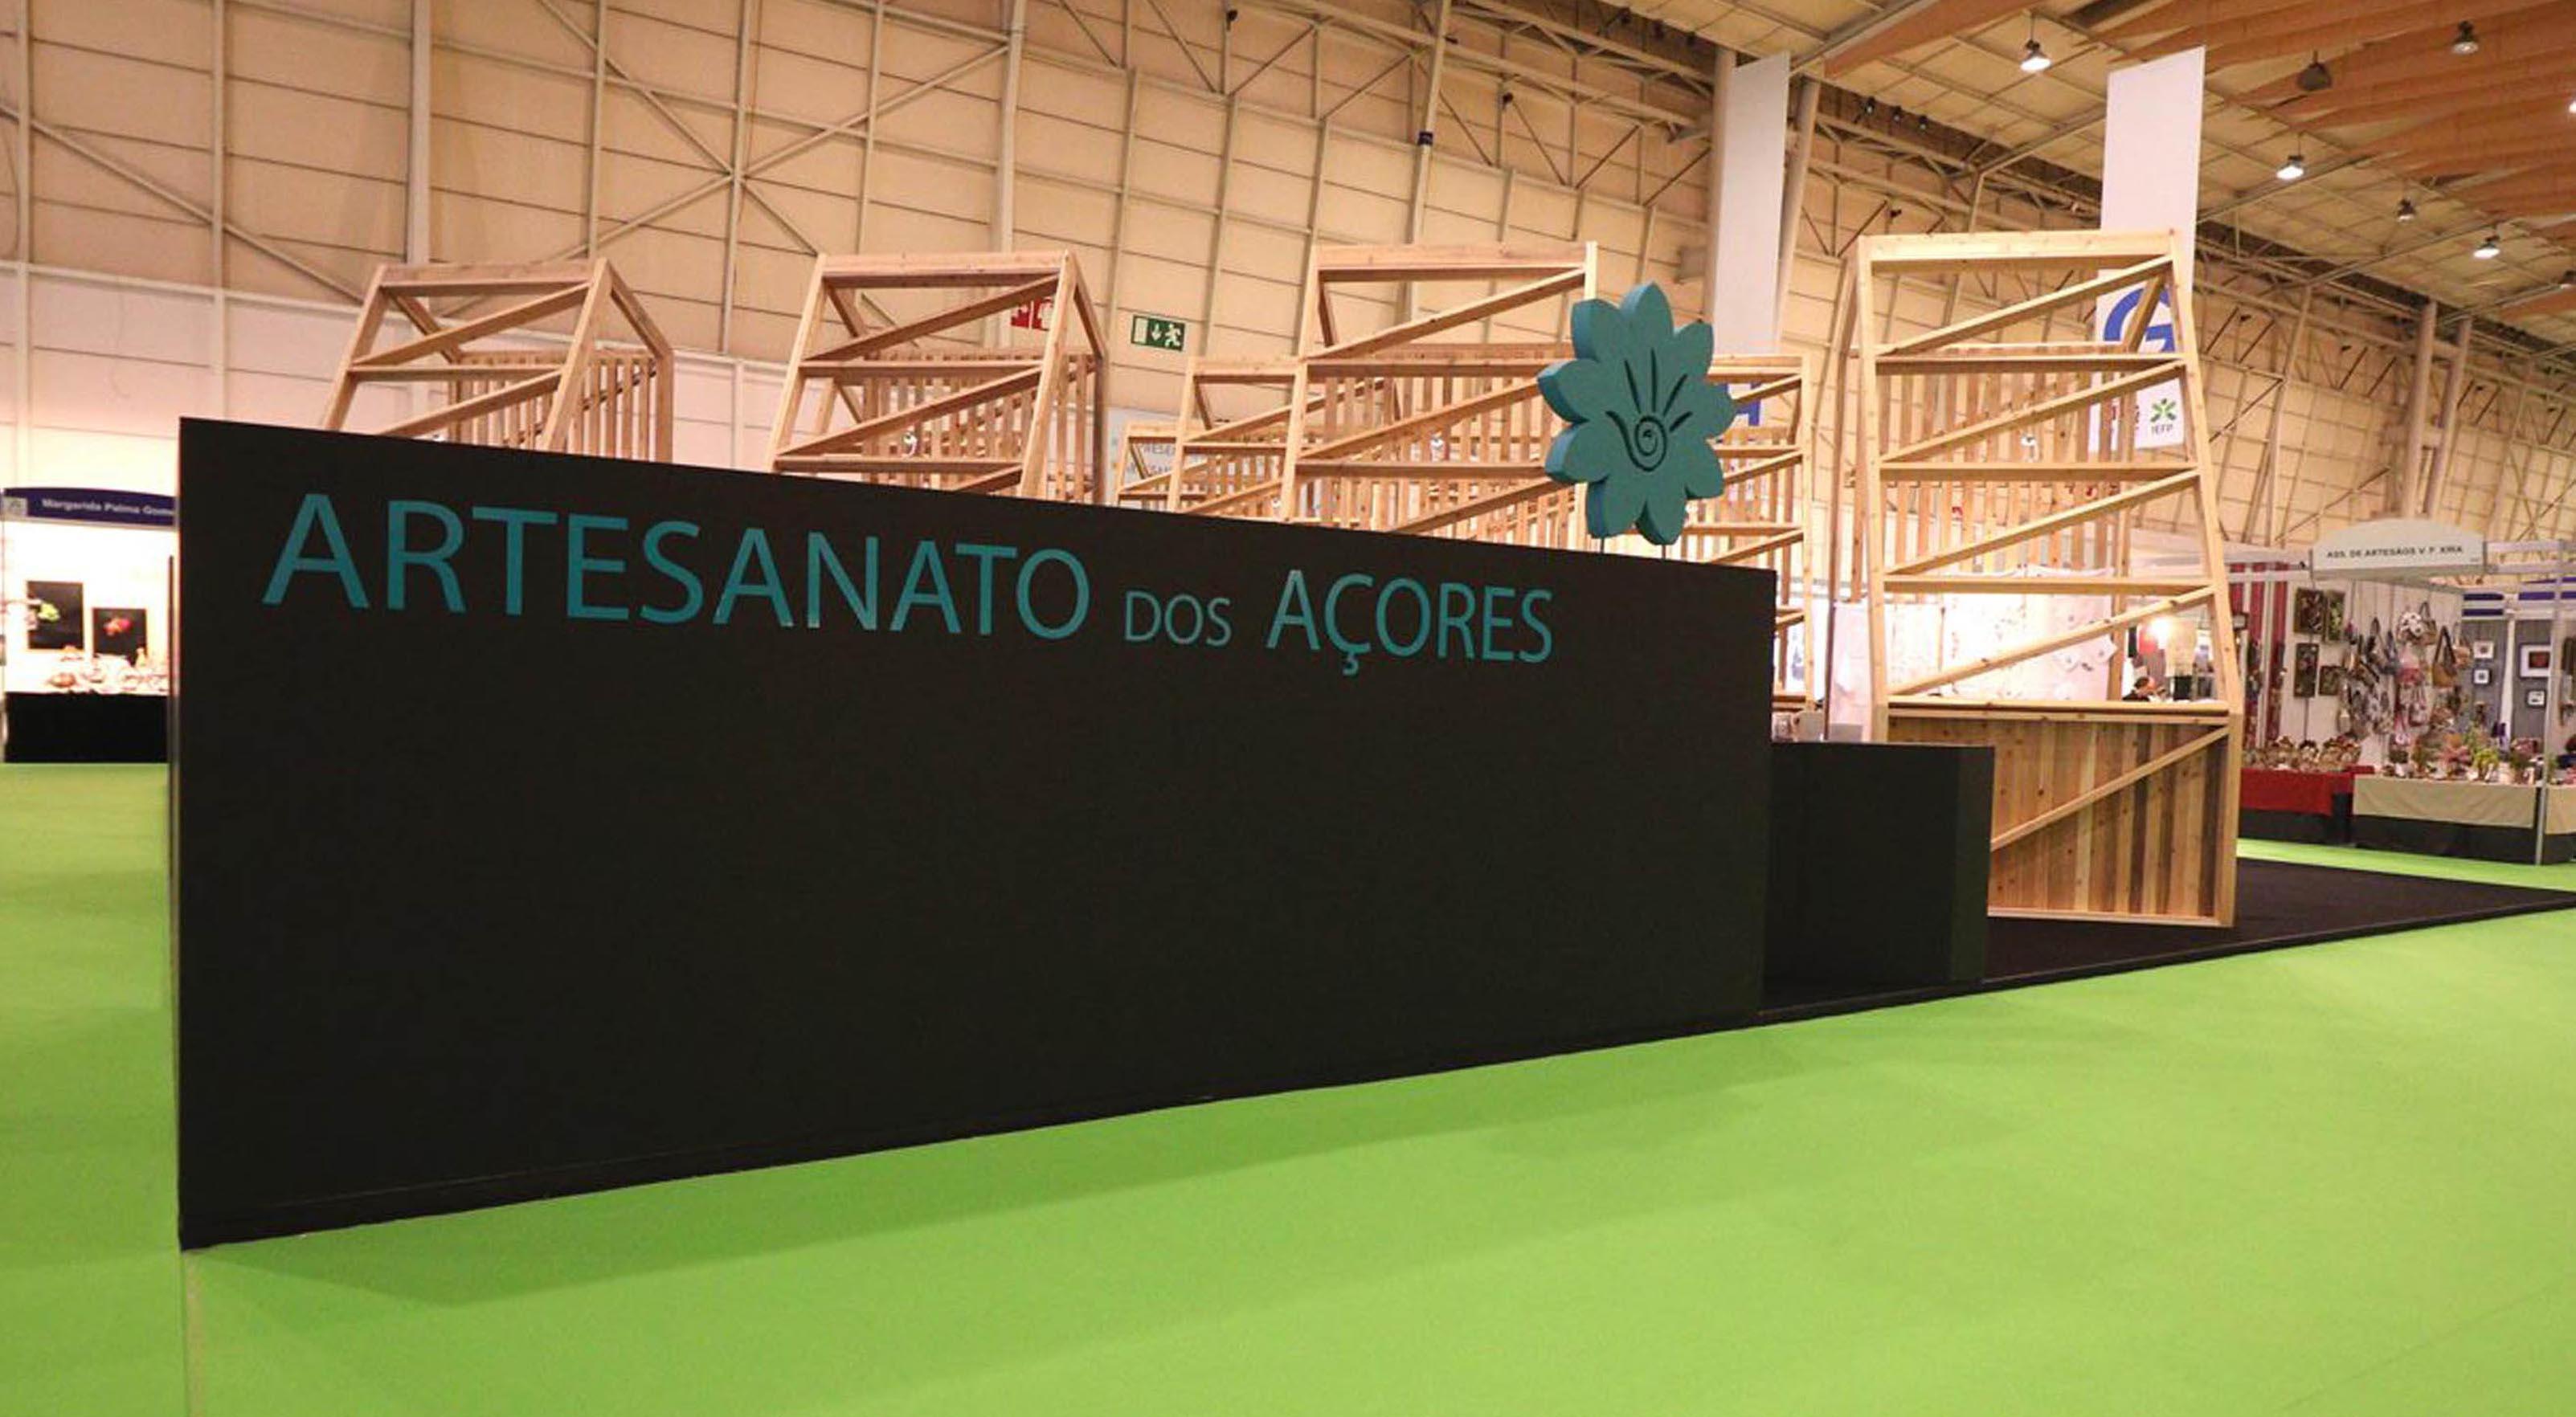 Artesanato dos Açores com stand próprio na Feira Internacional de Lisboa